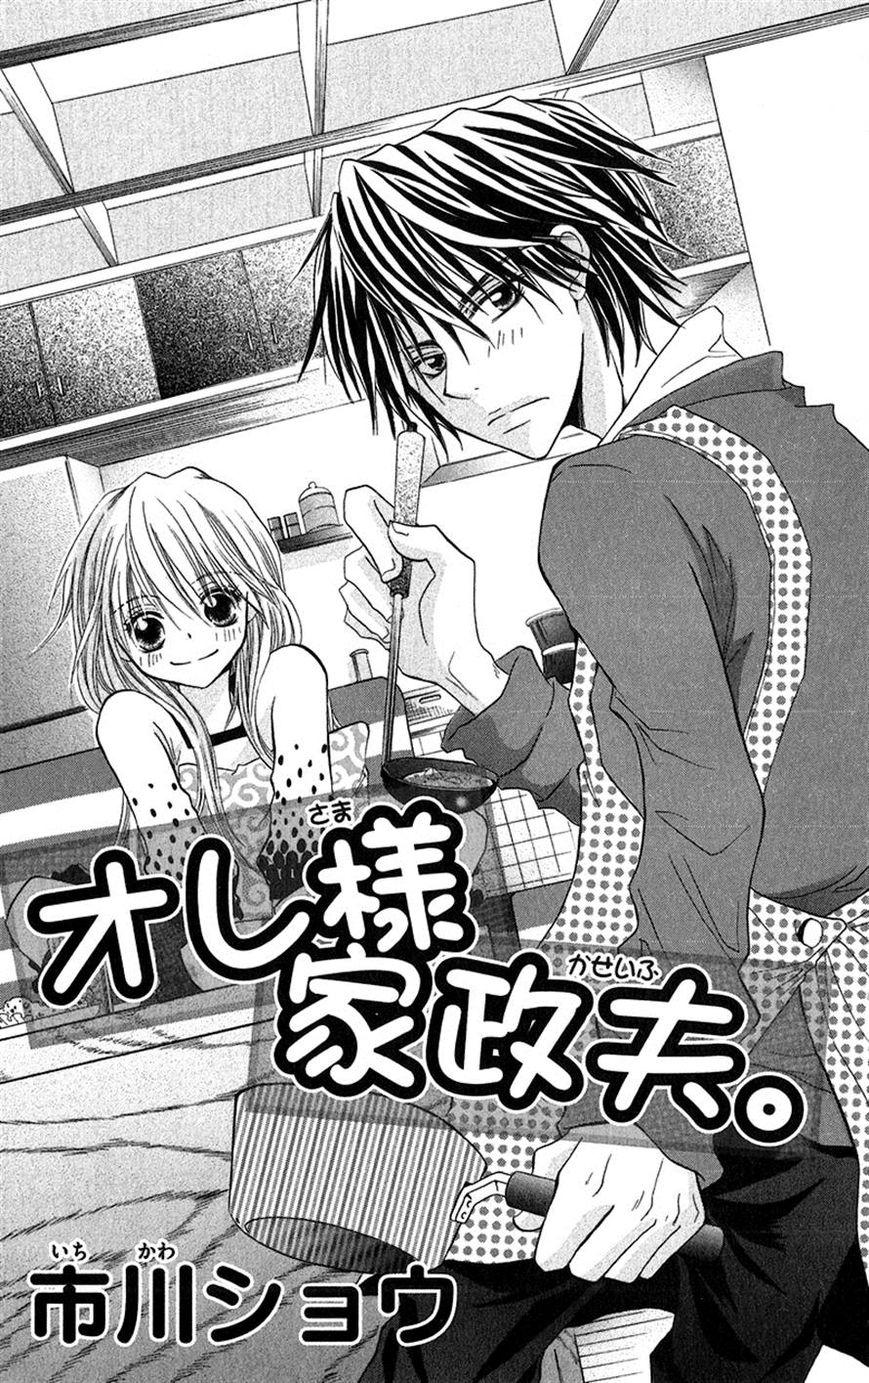 Houkago, Kimi to Koi o Shite. 5 Page 1